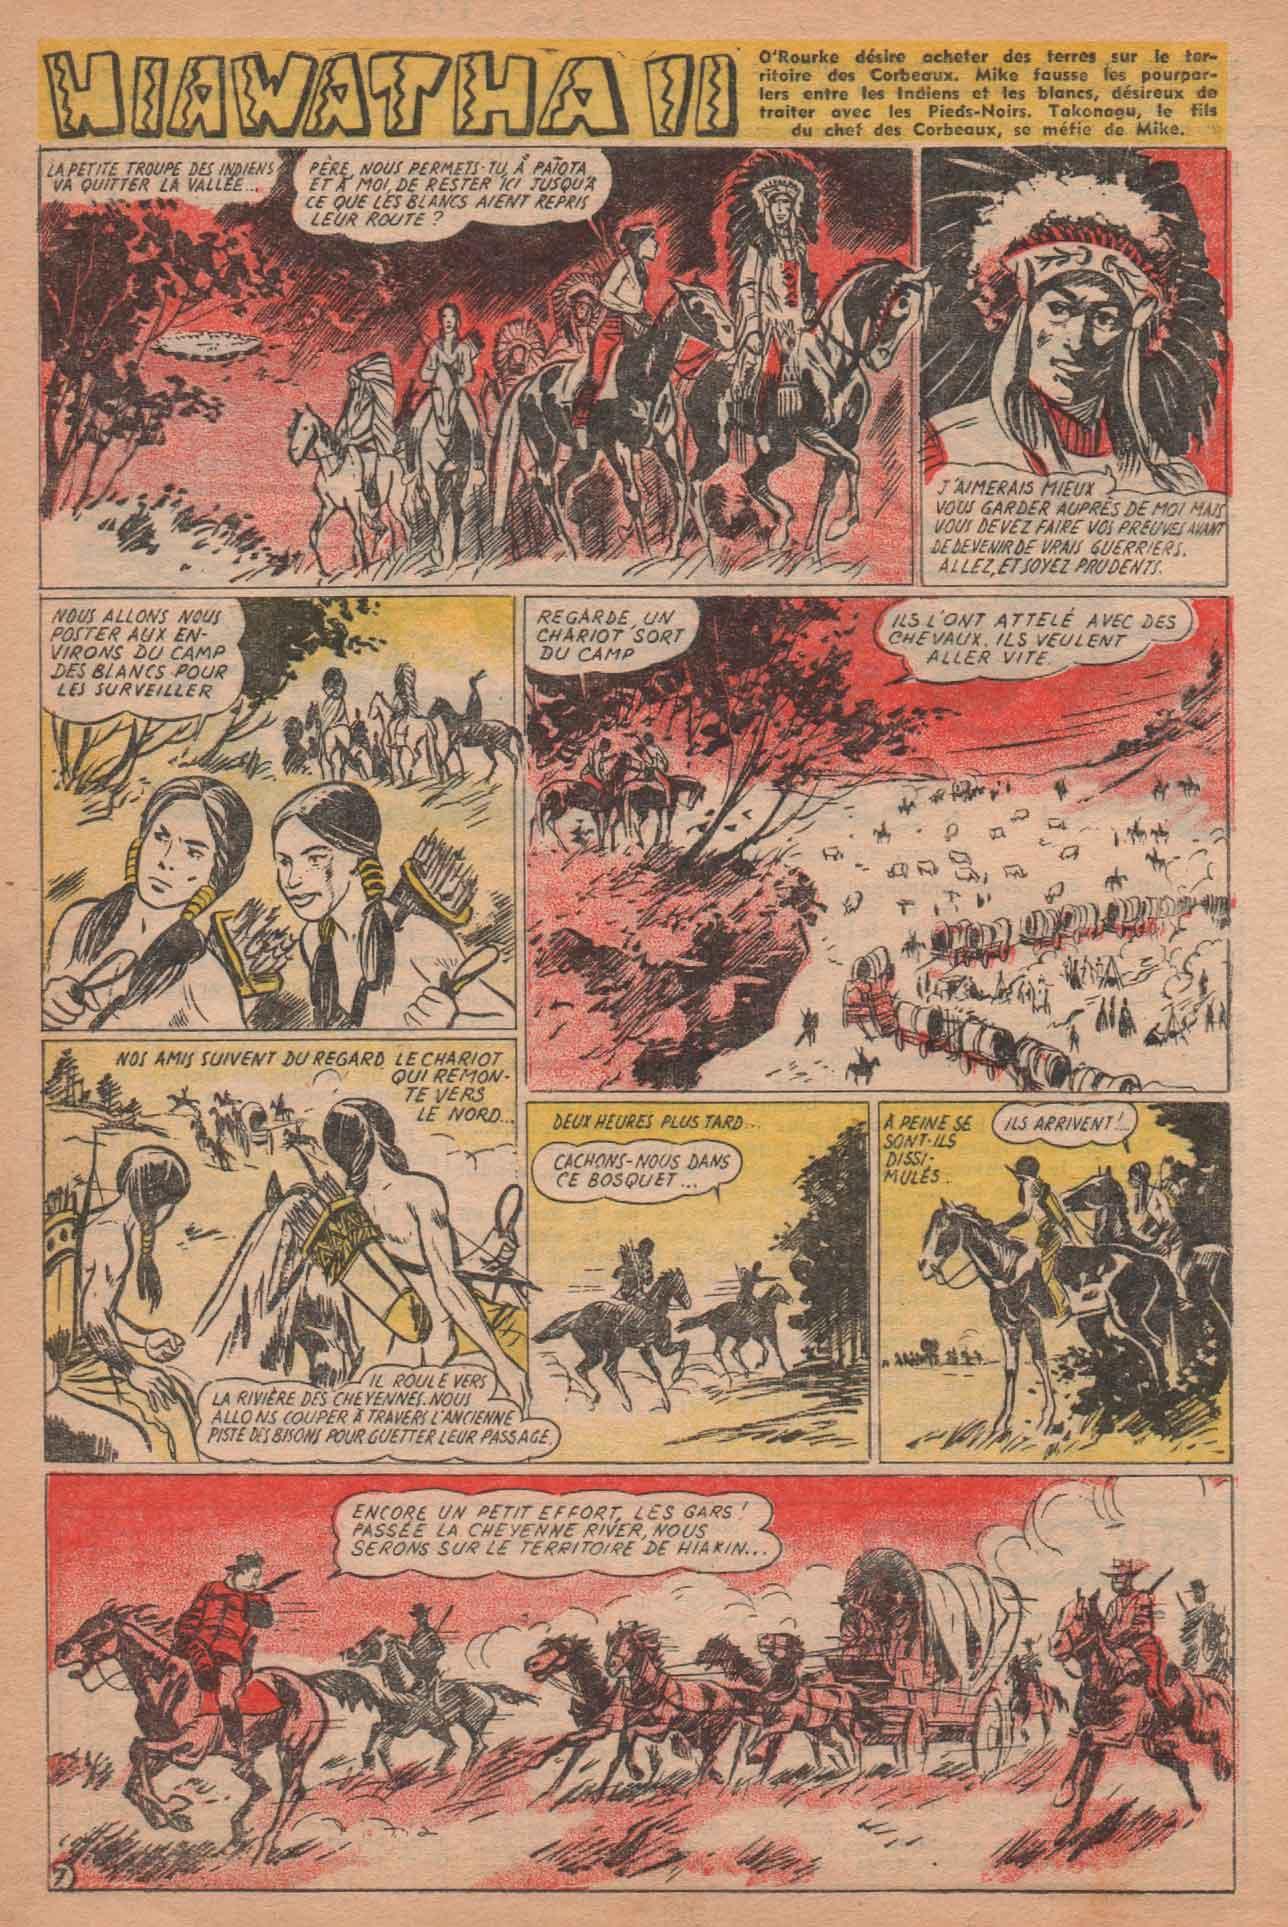 « Hayawatta  II » Bayard n° 490 (12/02/1956).